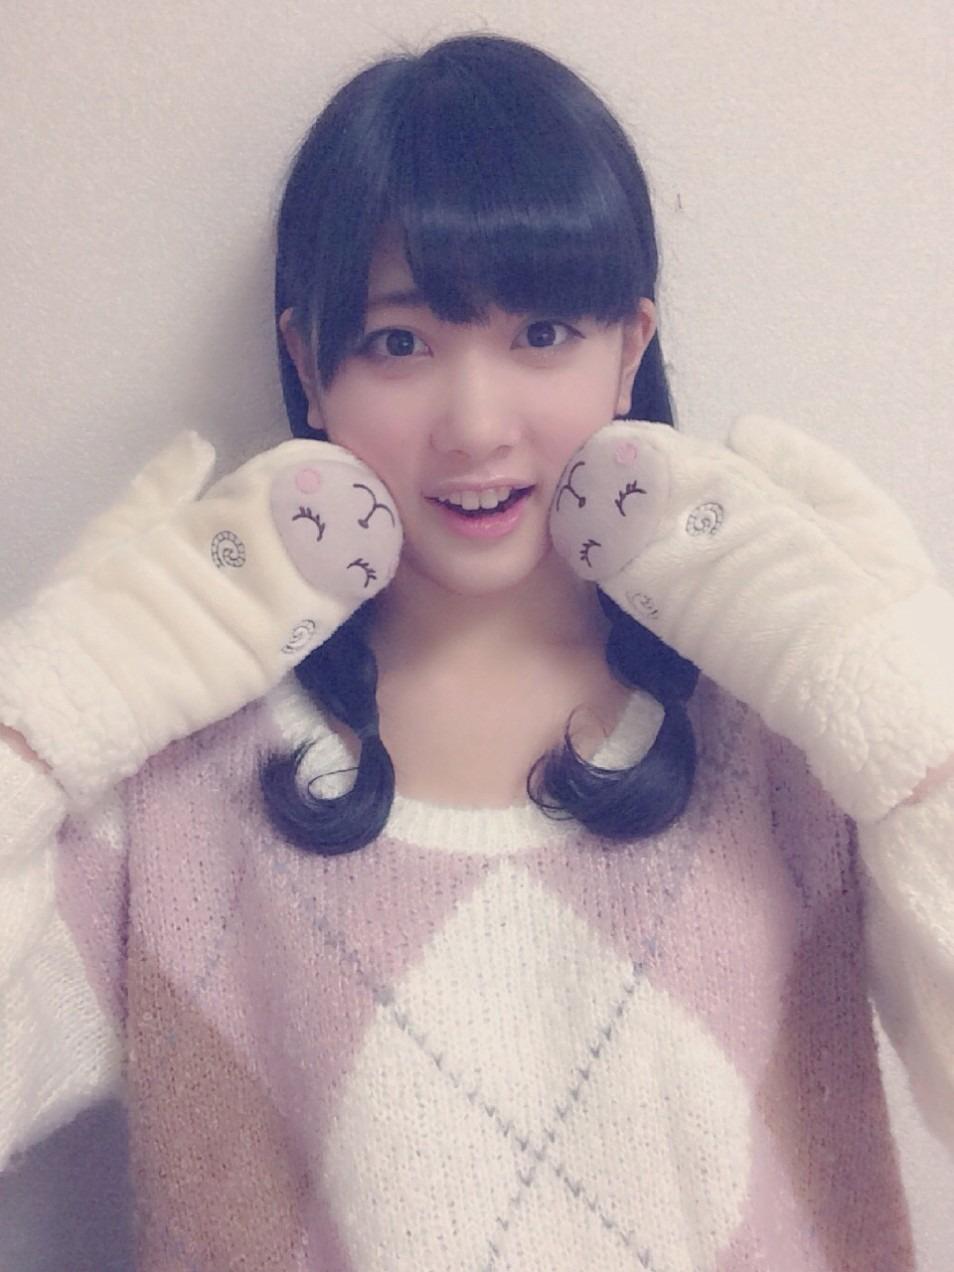 羊の手袋で可愛くポーズをする伊藤純奈